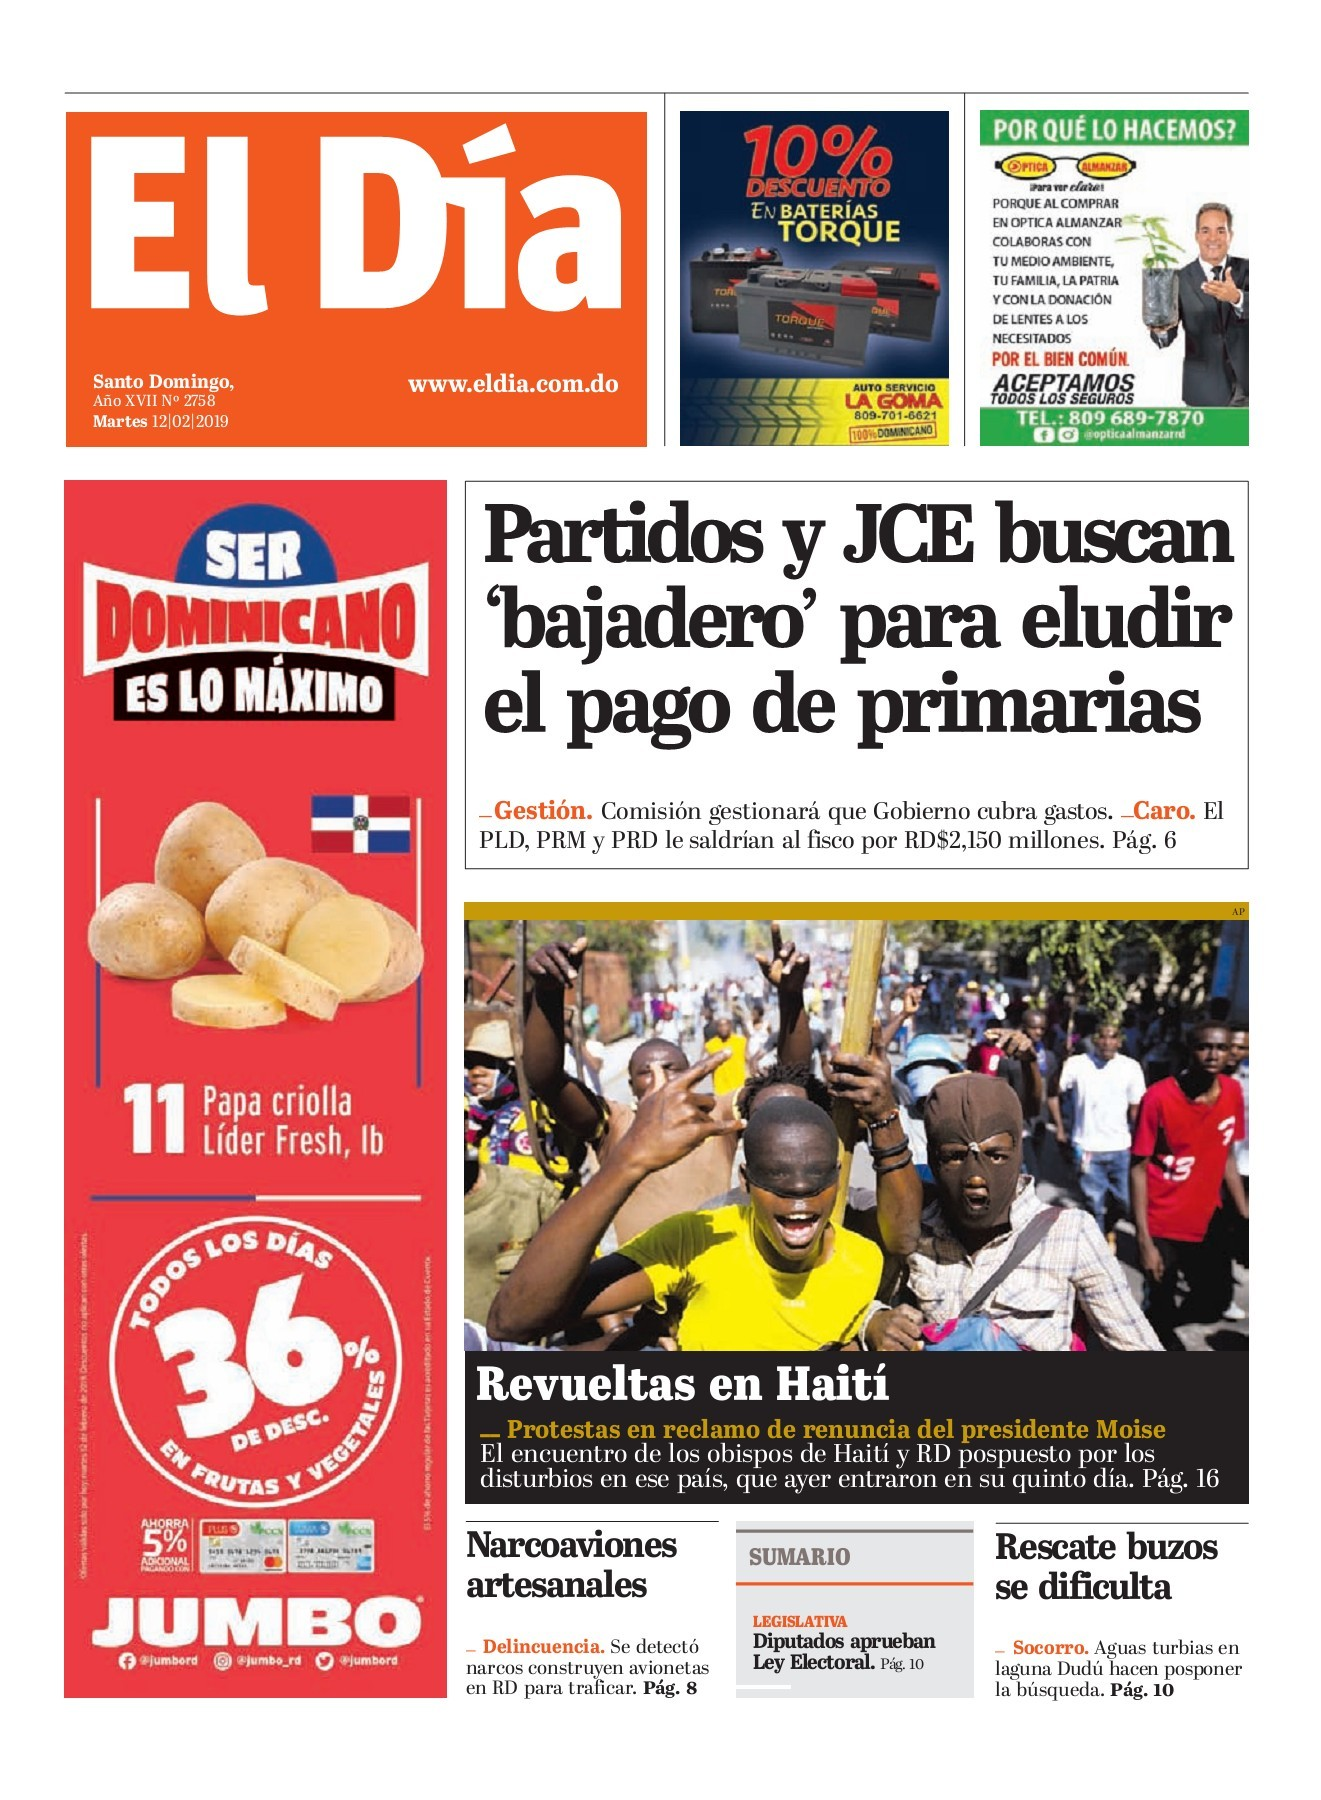 Portada Periódico El Día, Martes 12 de Febrero 2019